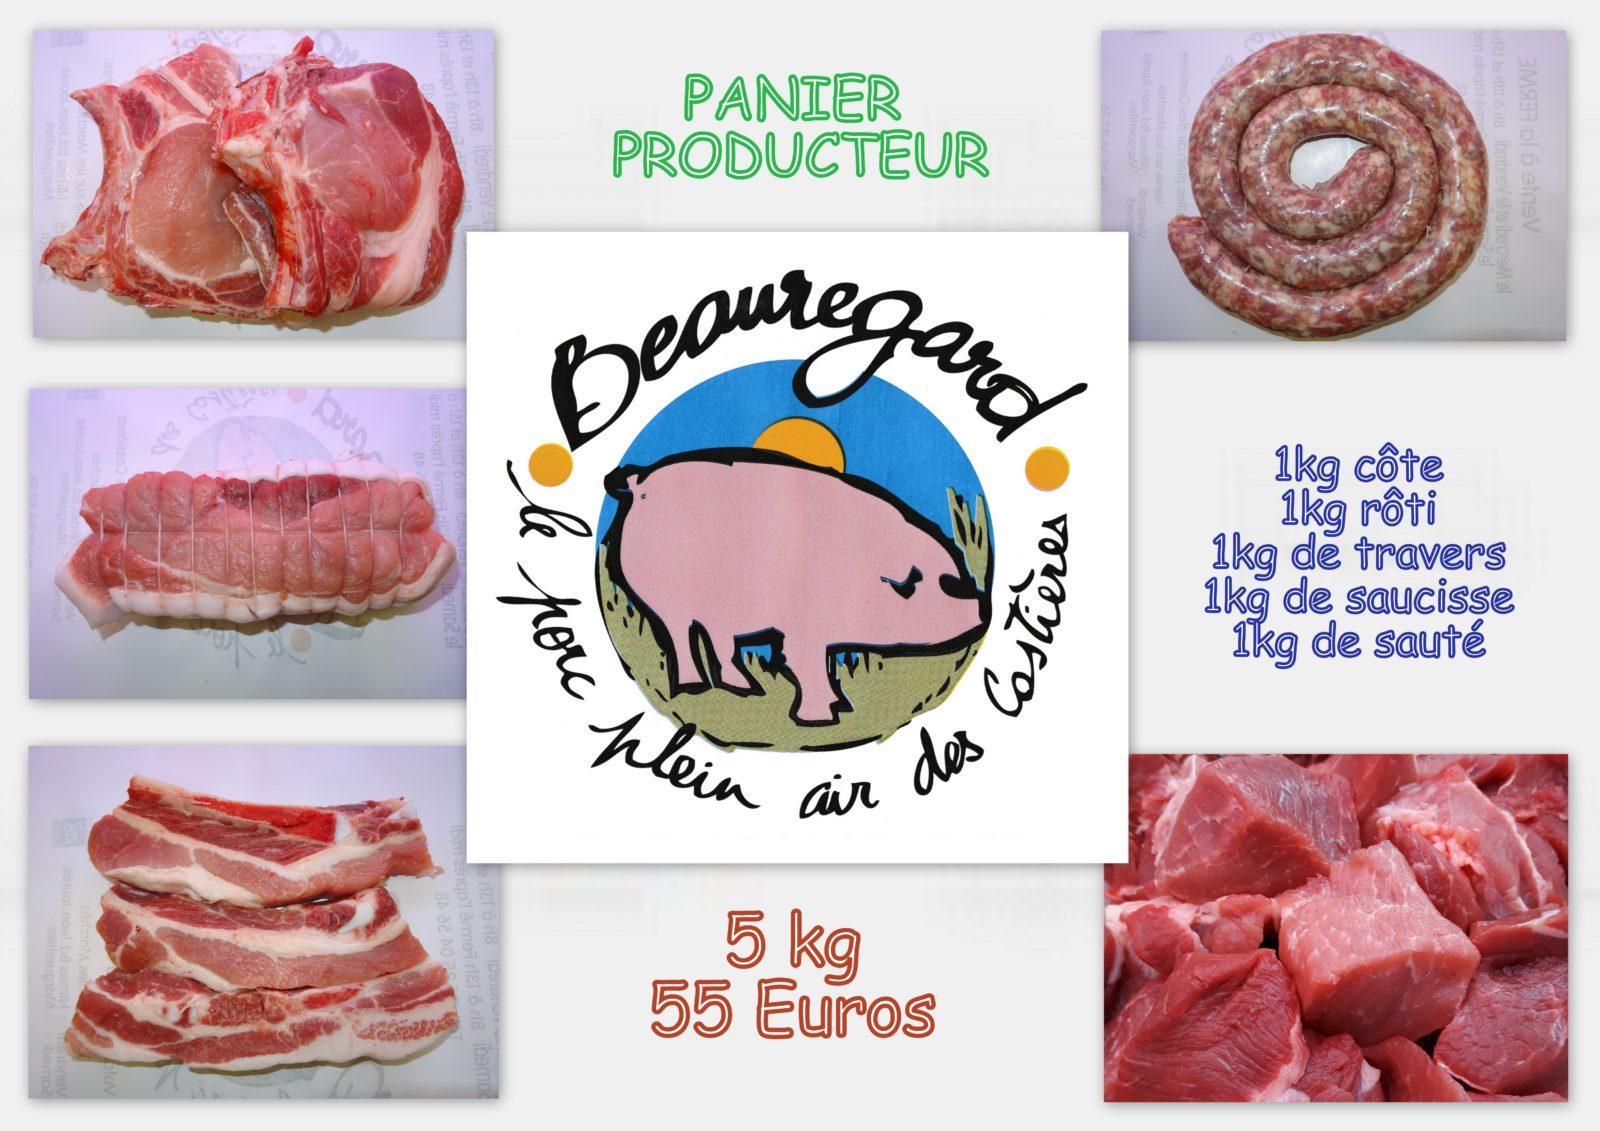 Le Panier Producteur Pur Porc Plein Air des Costières